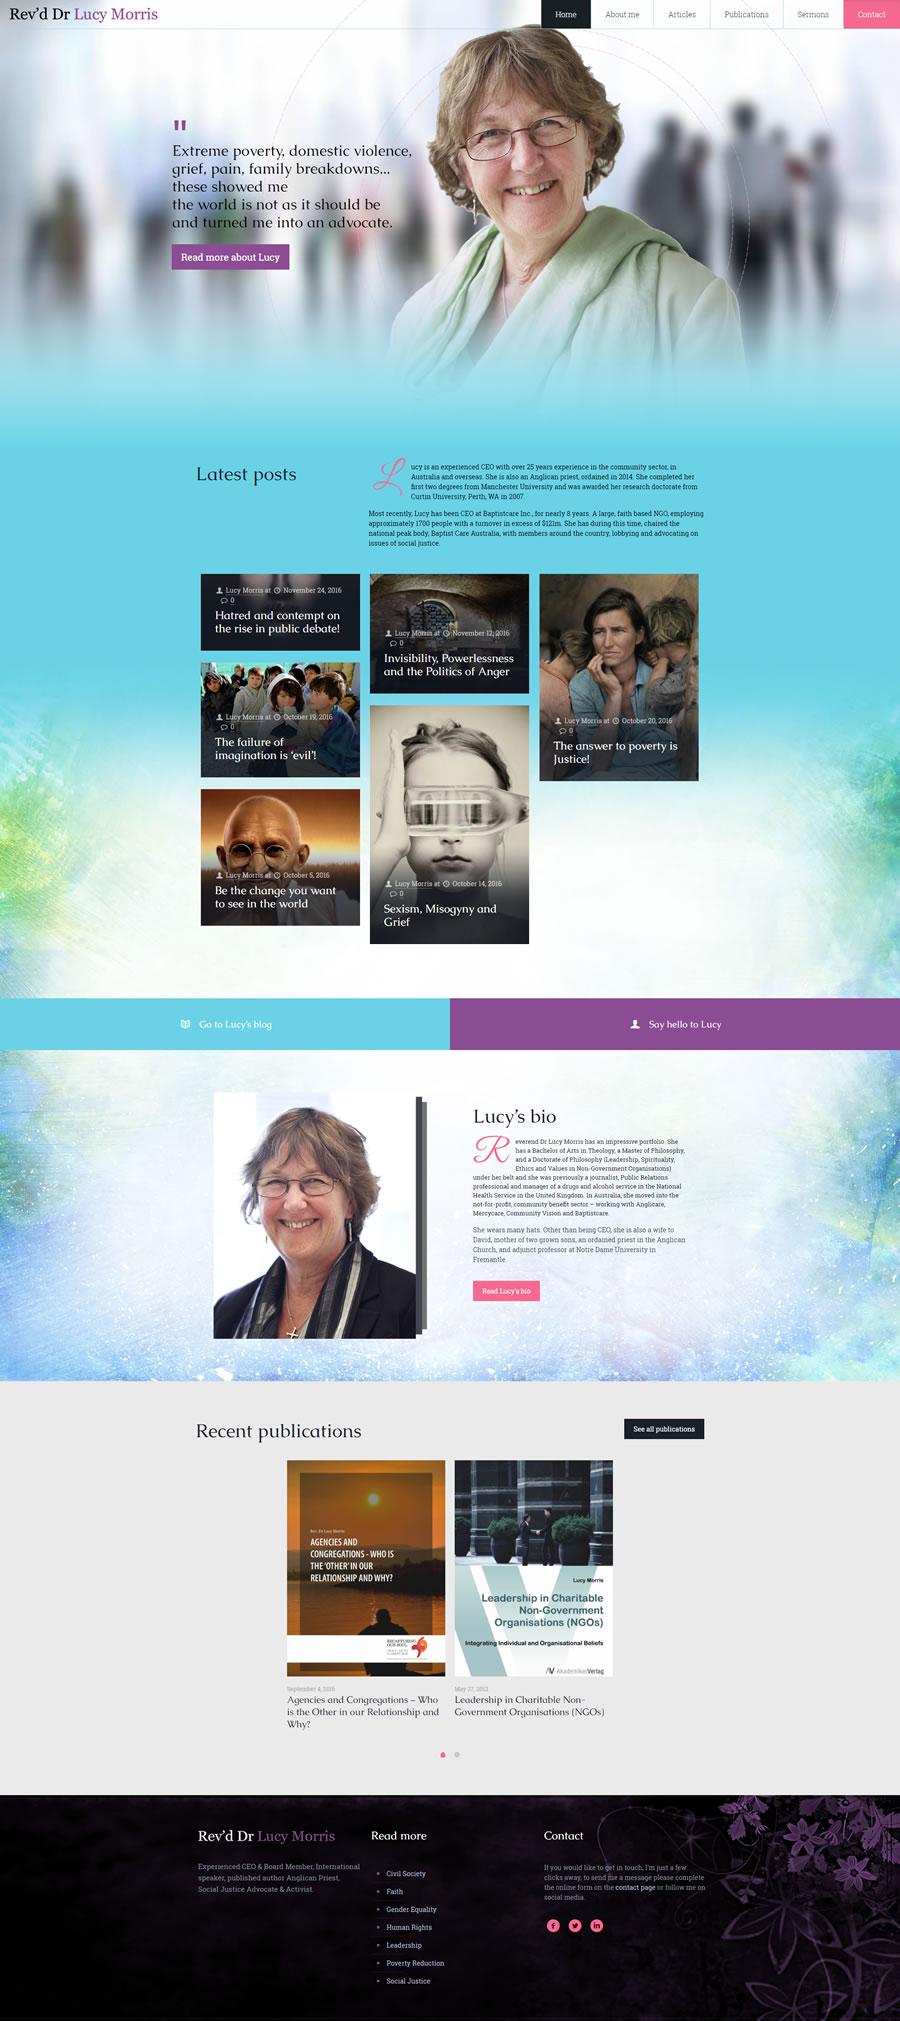 Rev'd Dr Lucy Morris